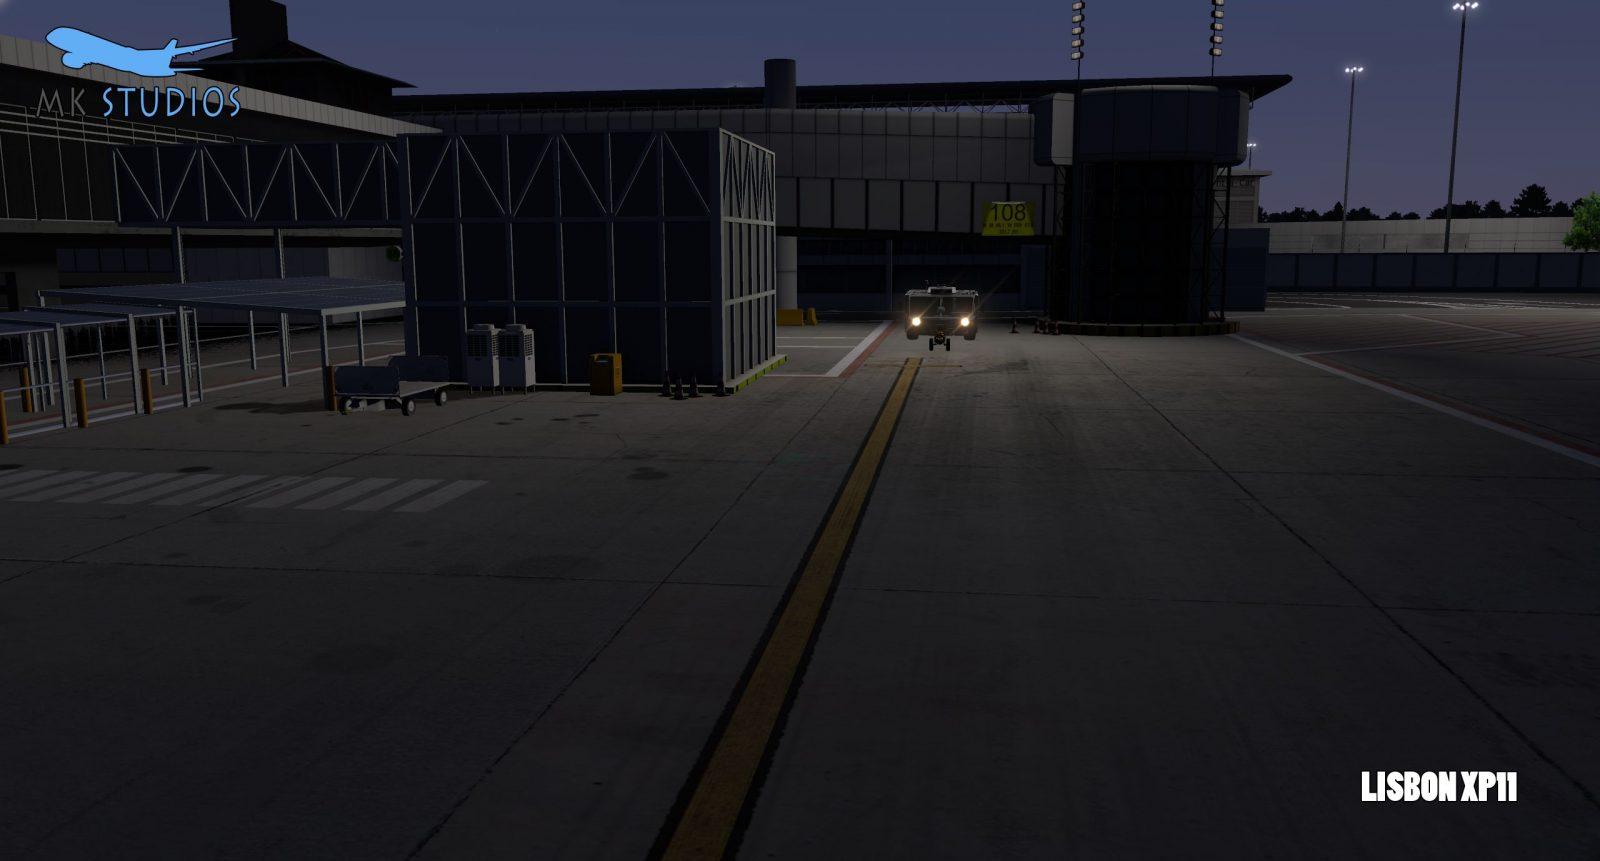 mk-studios-lisbon-xplane-11-18-1600x861.